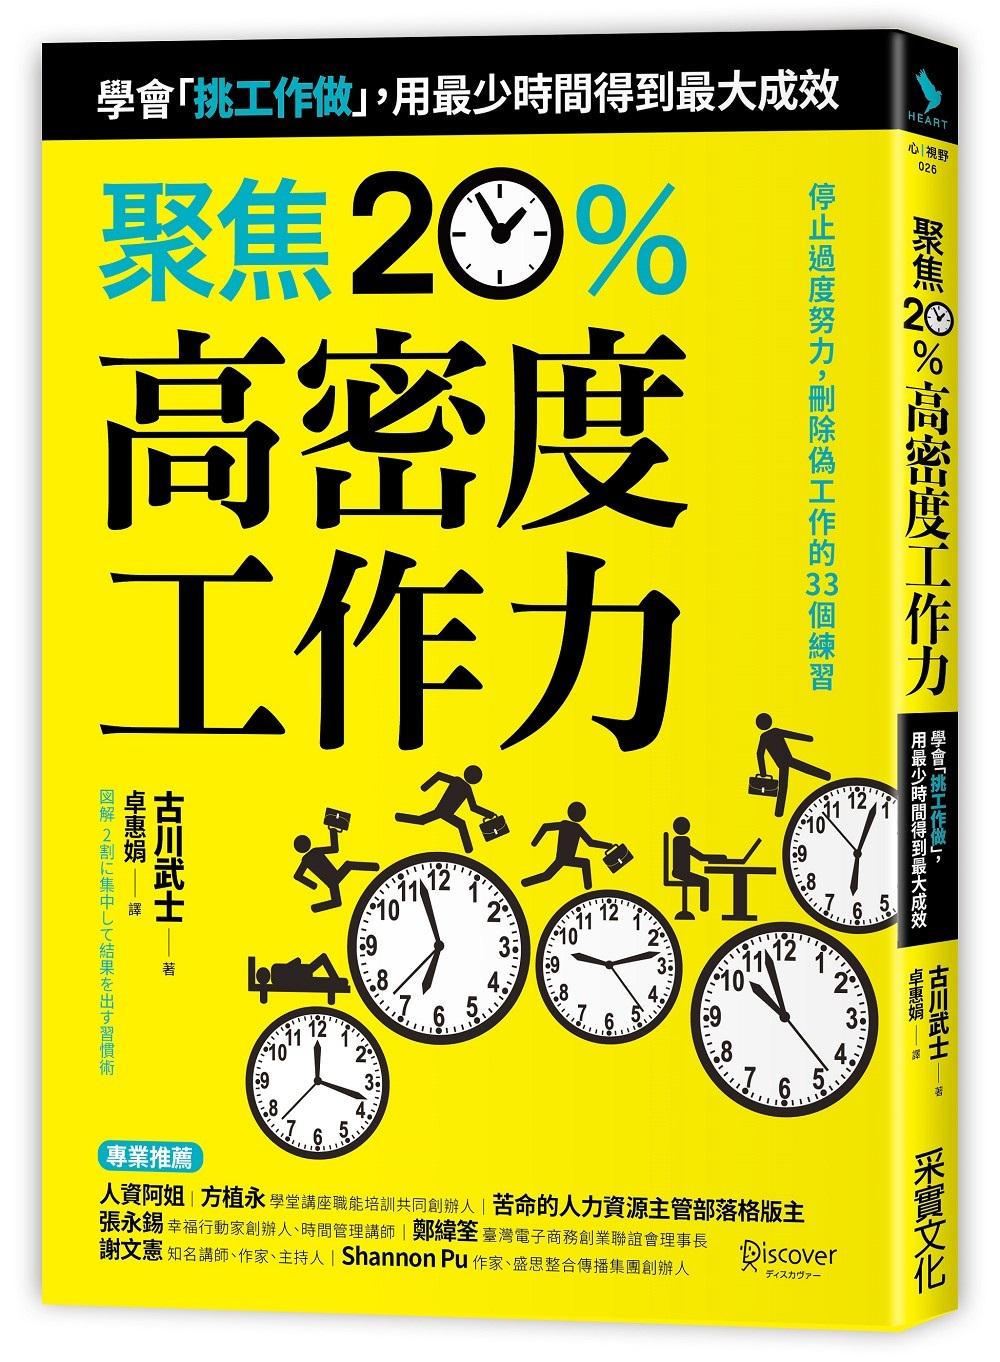 《聚焦20%高密度工作力:學會「挑工作做」,用最少時間得到最大成效》 商品條碼,ISBN:9789578950122